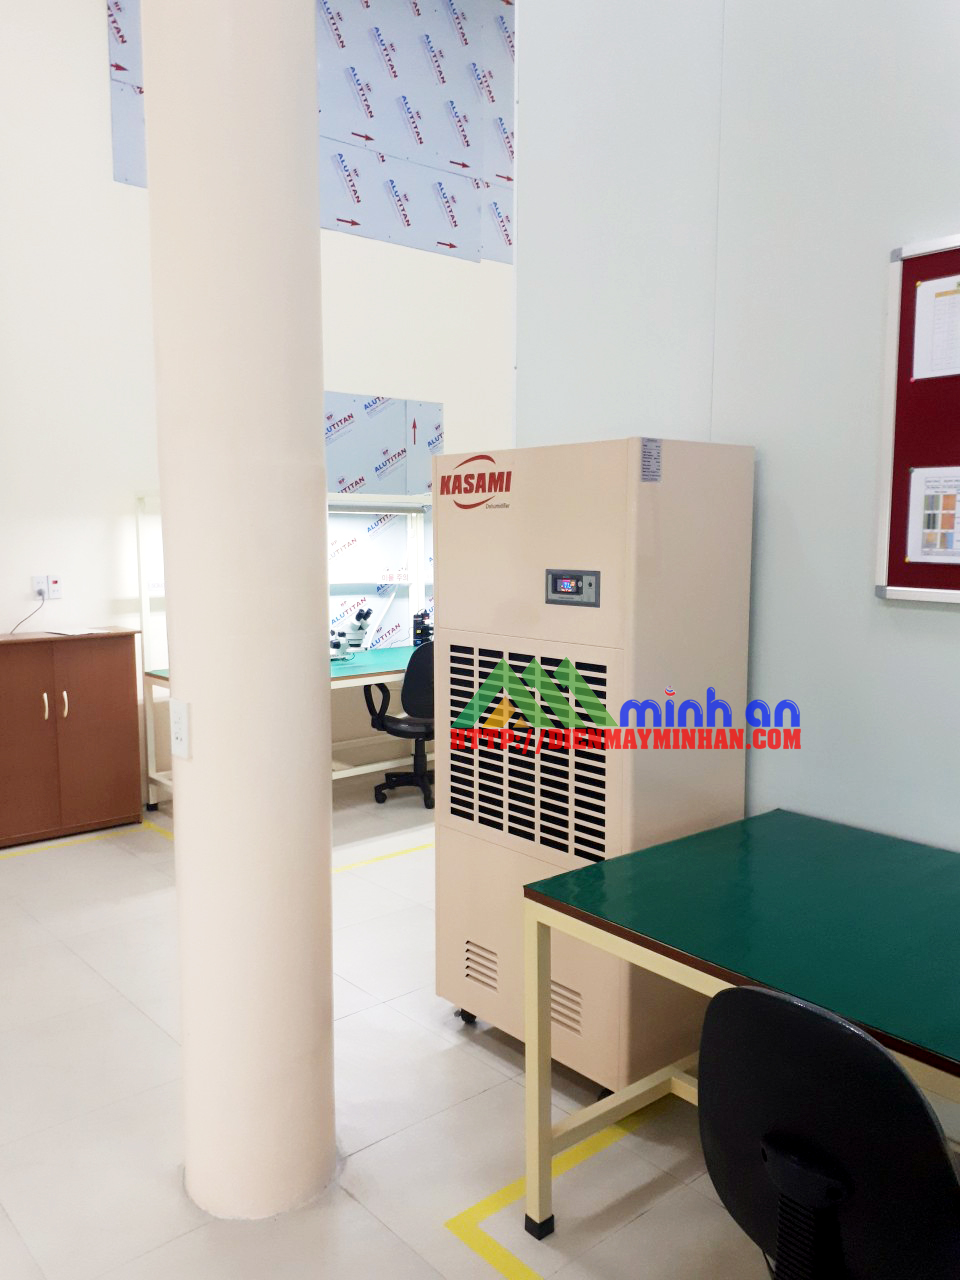 Hướng dẫn Chọn mua máy hút ẩm công nghiệp giá tốt tại Nam Định